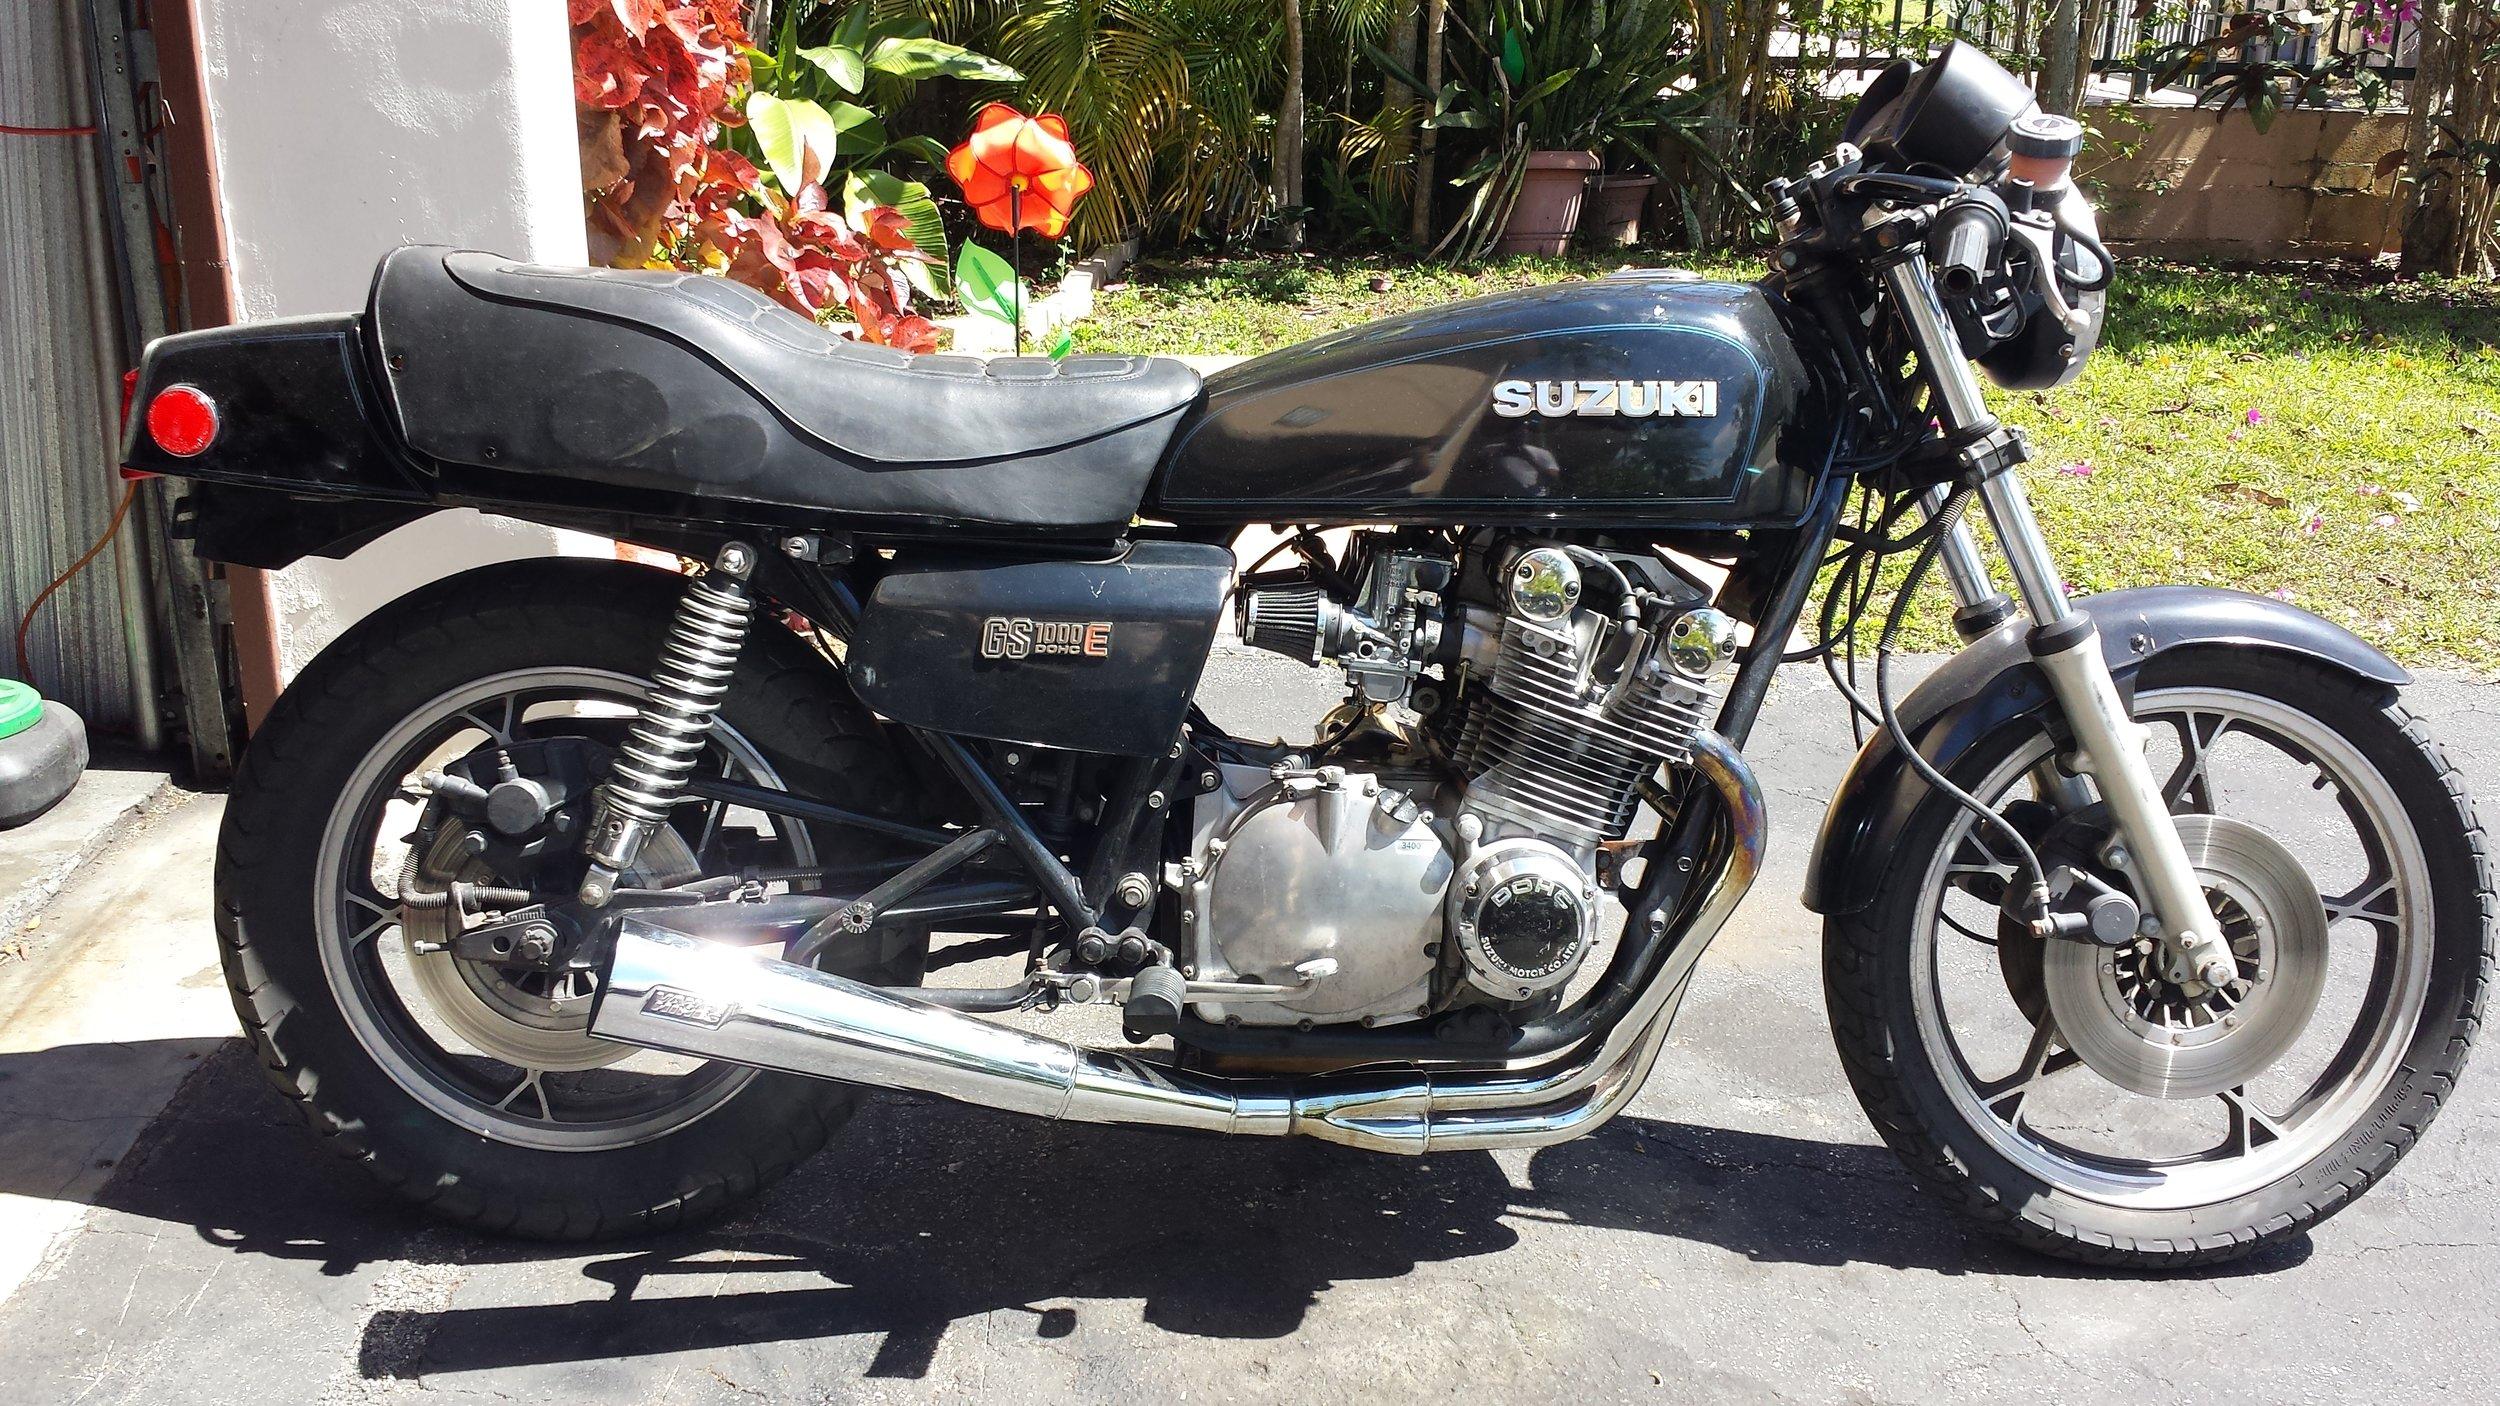 1979 Suzuki GS1000E - Before